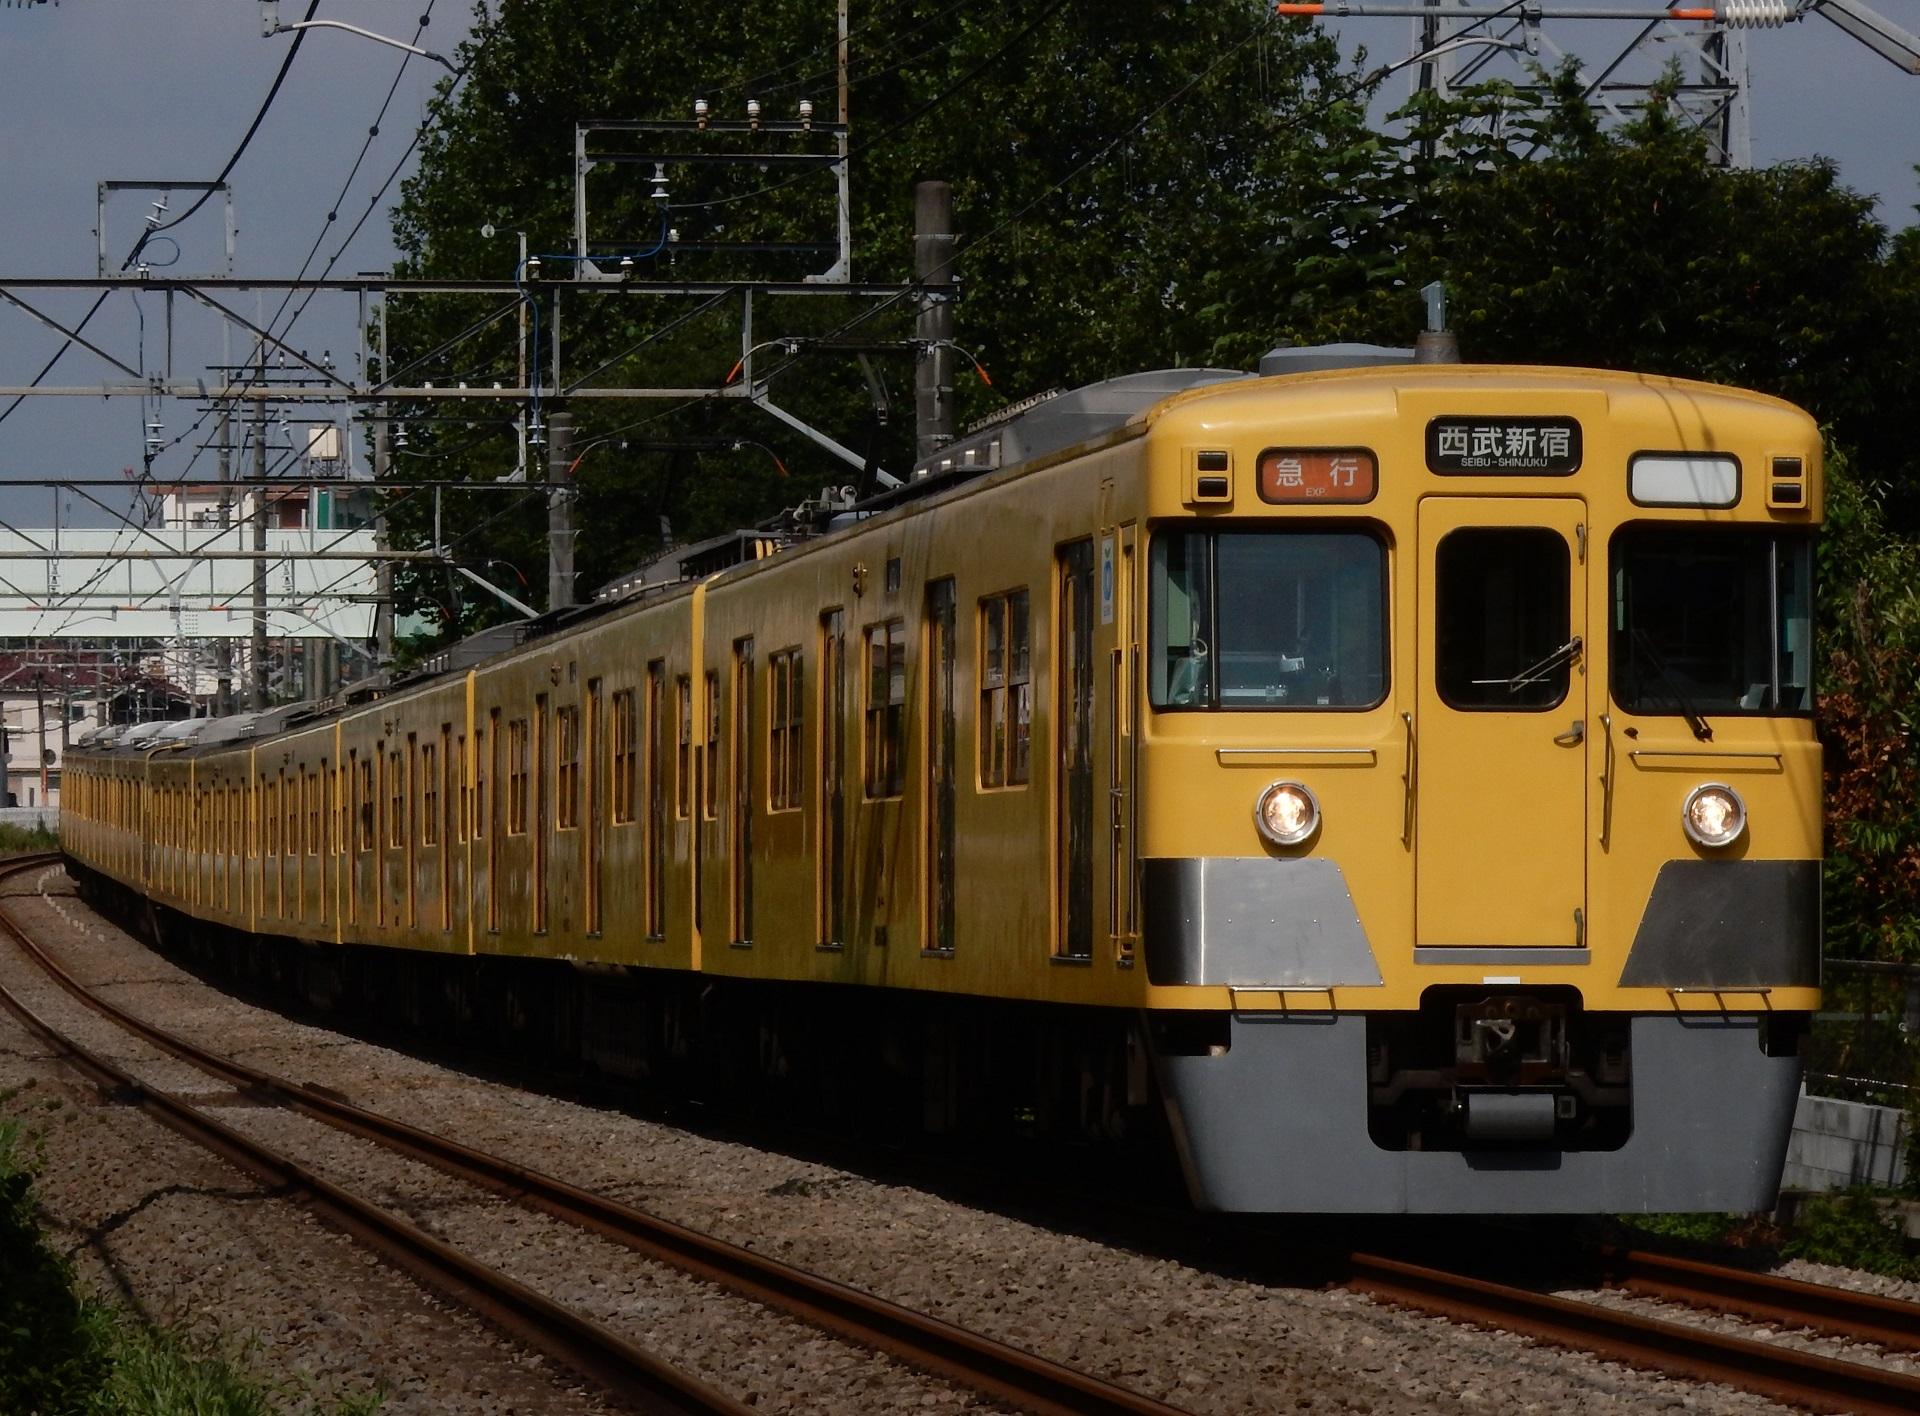 DSCN4963 - コピー